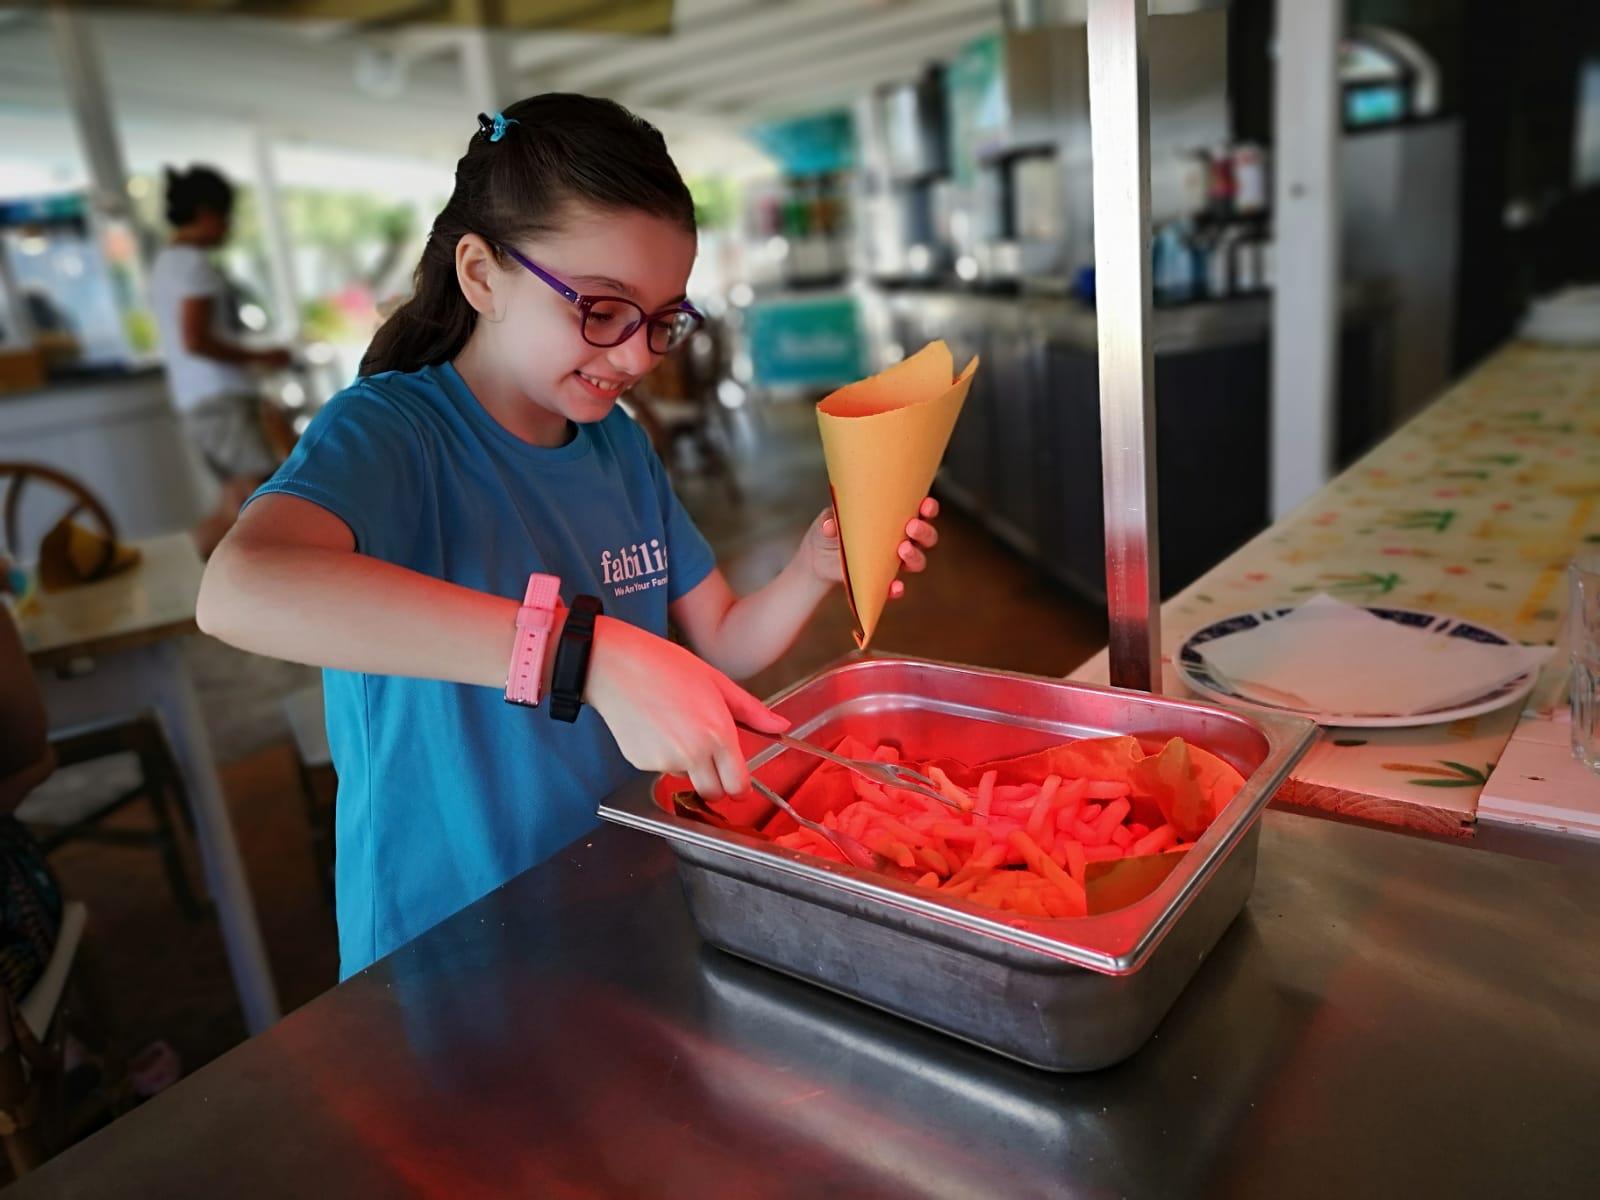 Cosa far mangiare ai bambini in vacanza ©Vitadamamma.com